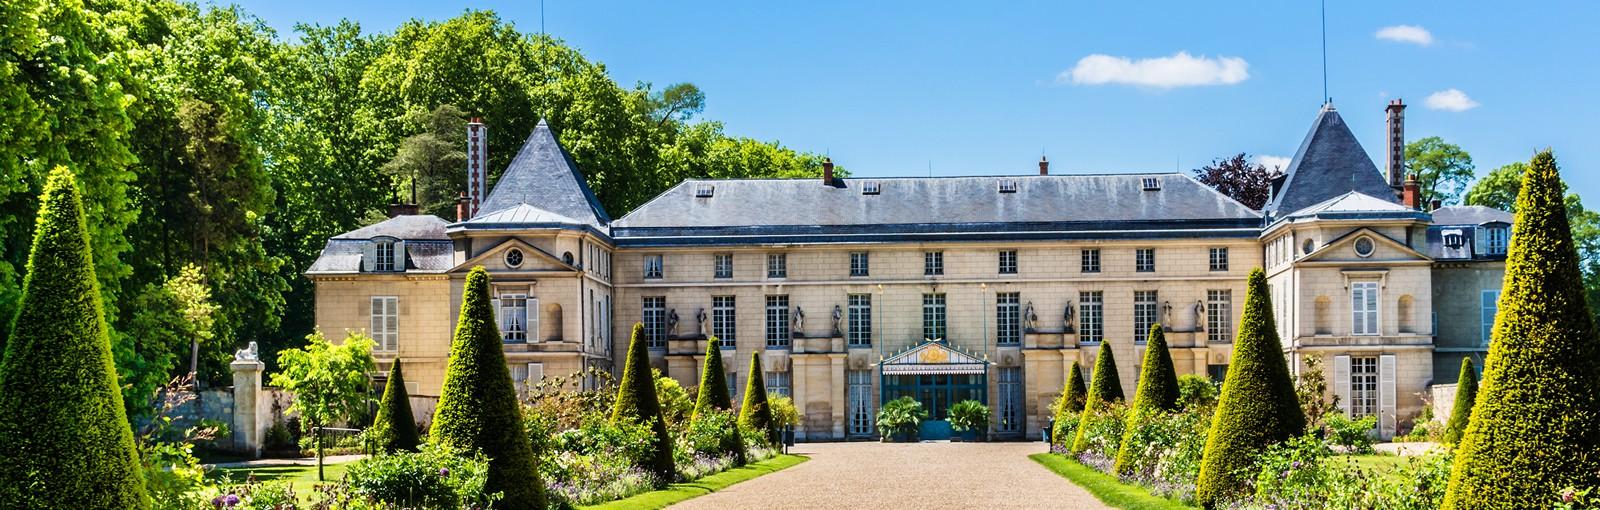 Tours Malmaison - Demi-journées - Excursions au départ de Paris